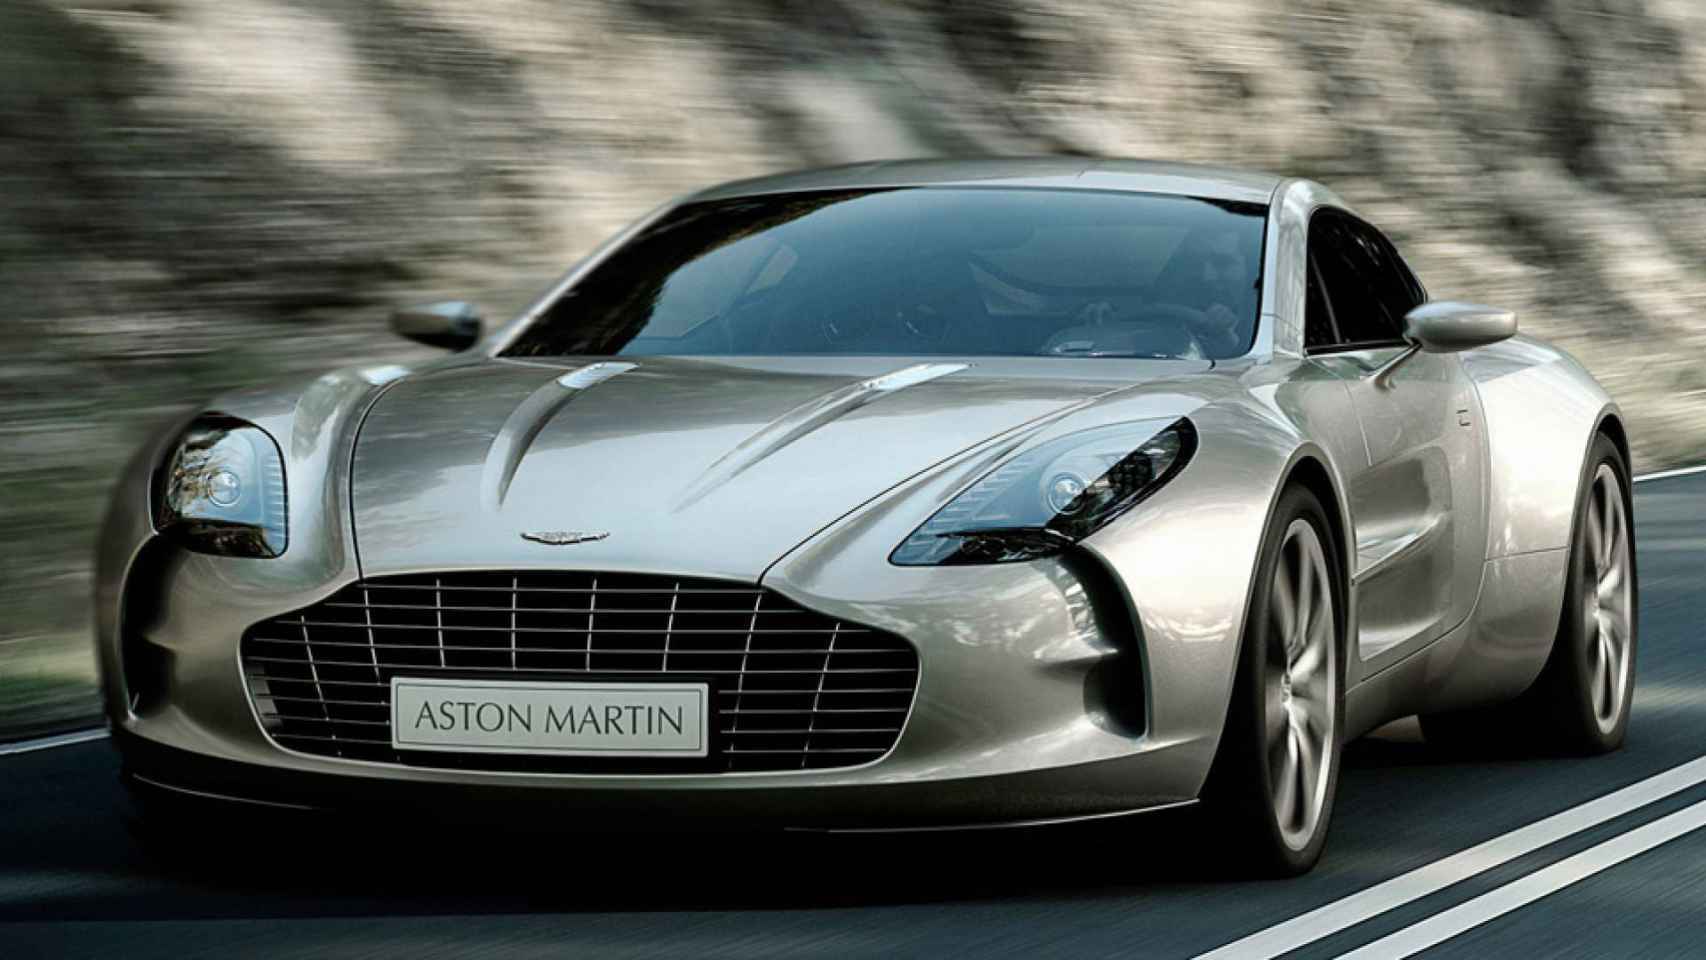 Coche Aston Martin, imagen de archivo.